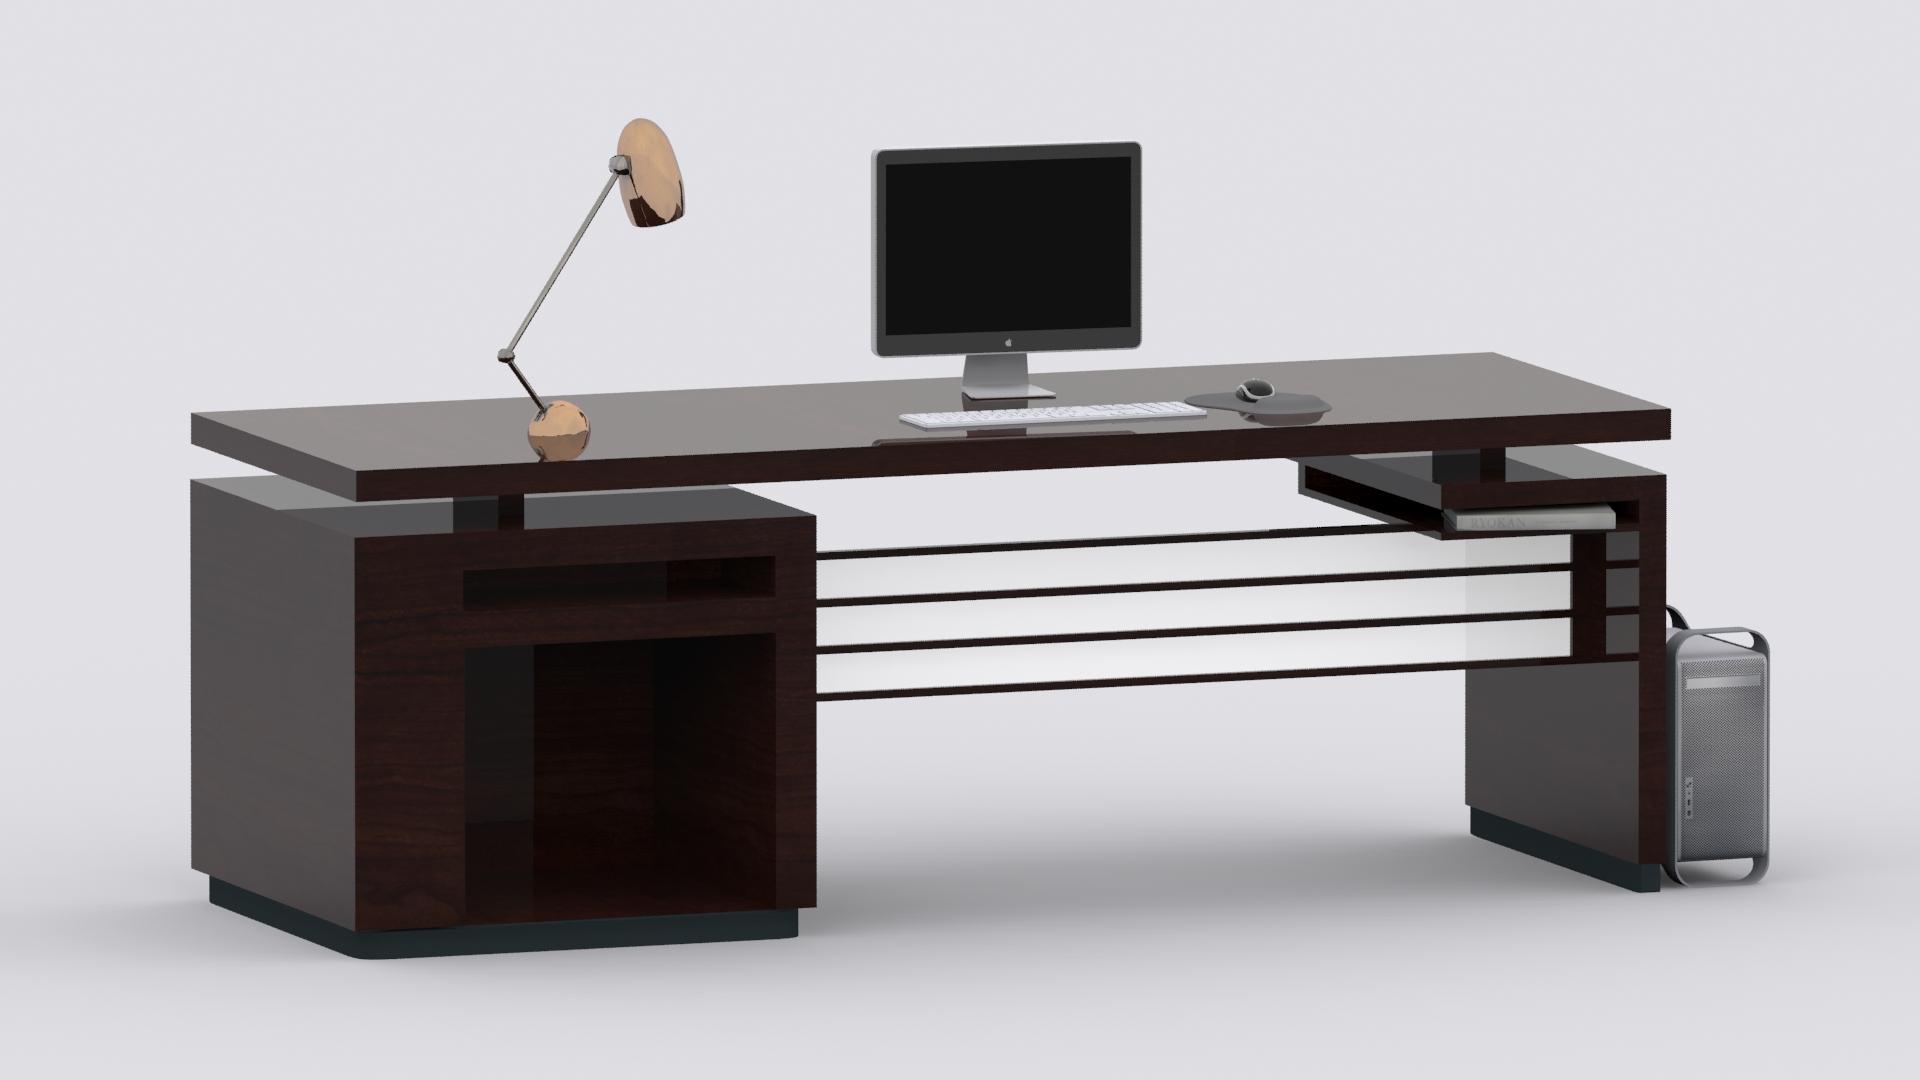 3d model computer desk vr ar low poly max fbx